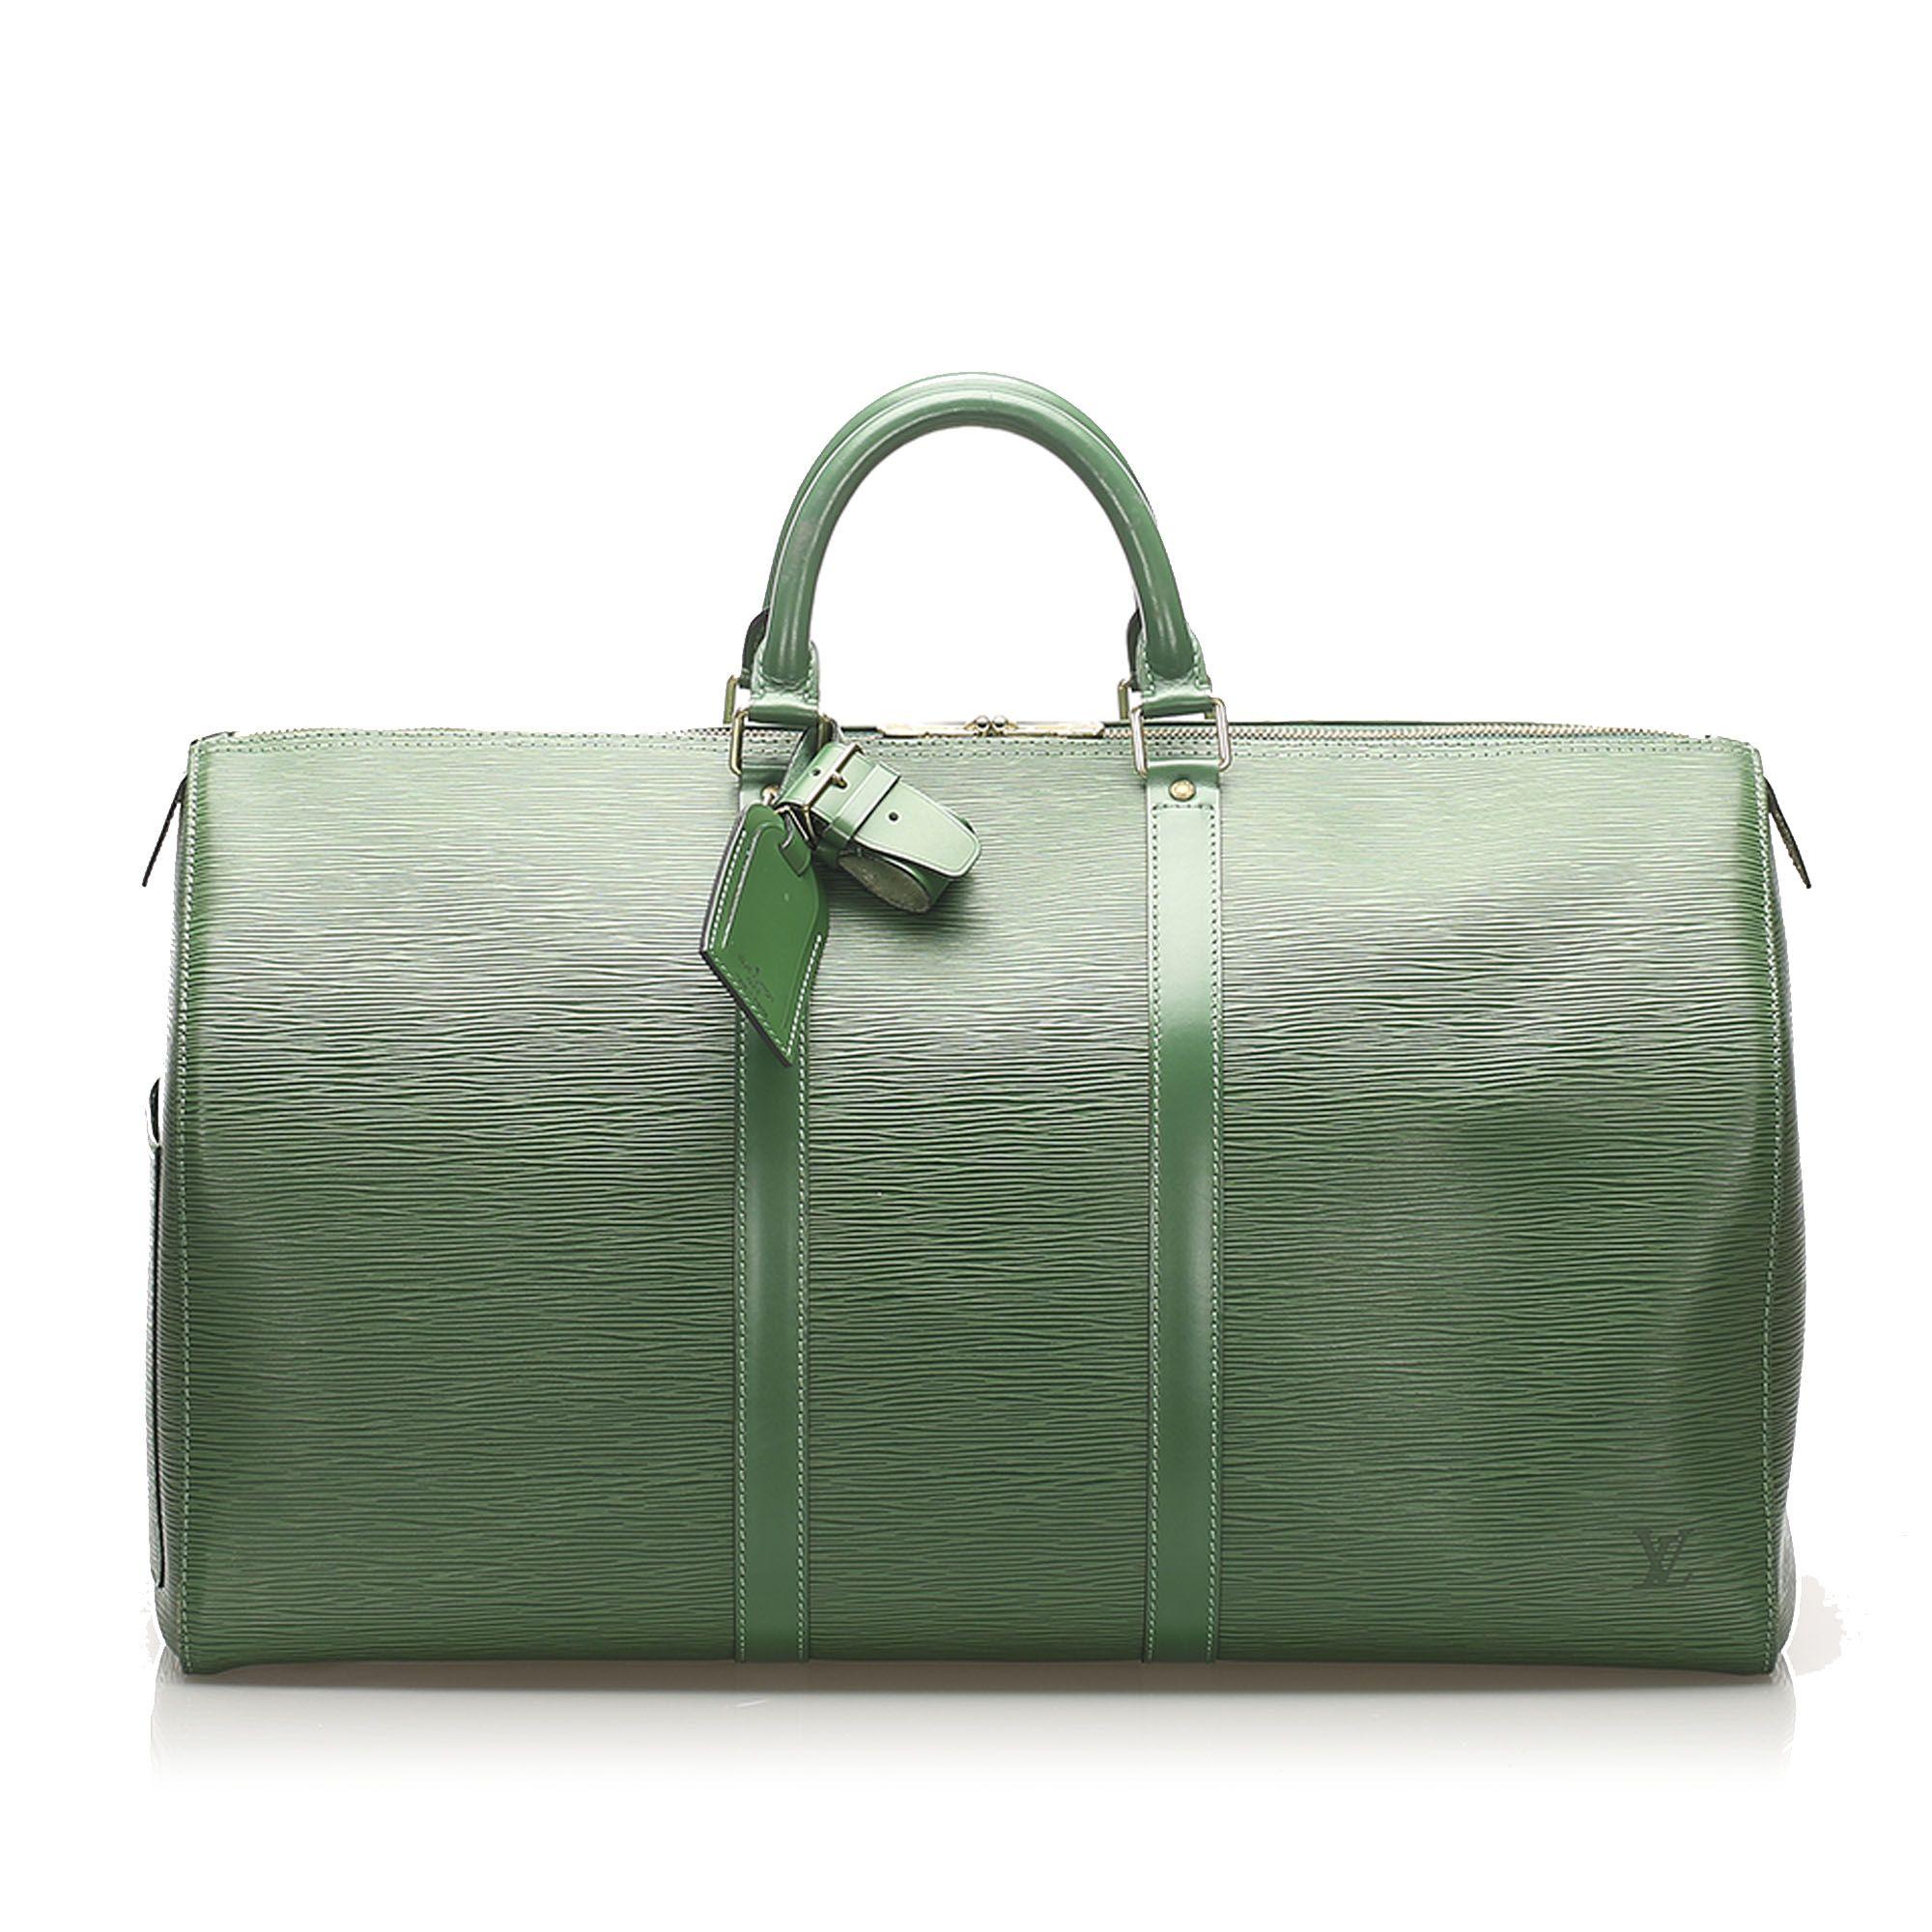 Vintage Louis Vuitton Epi Keepall 55 Green